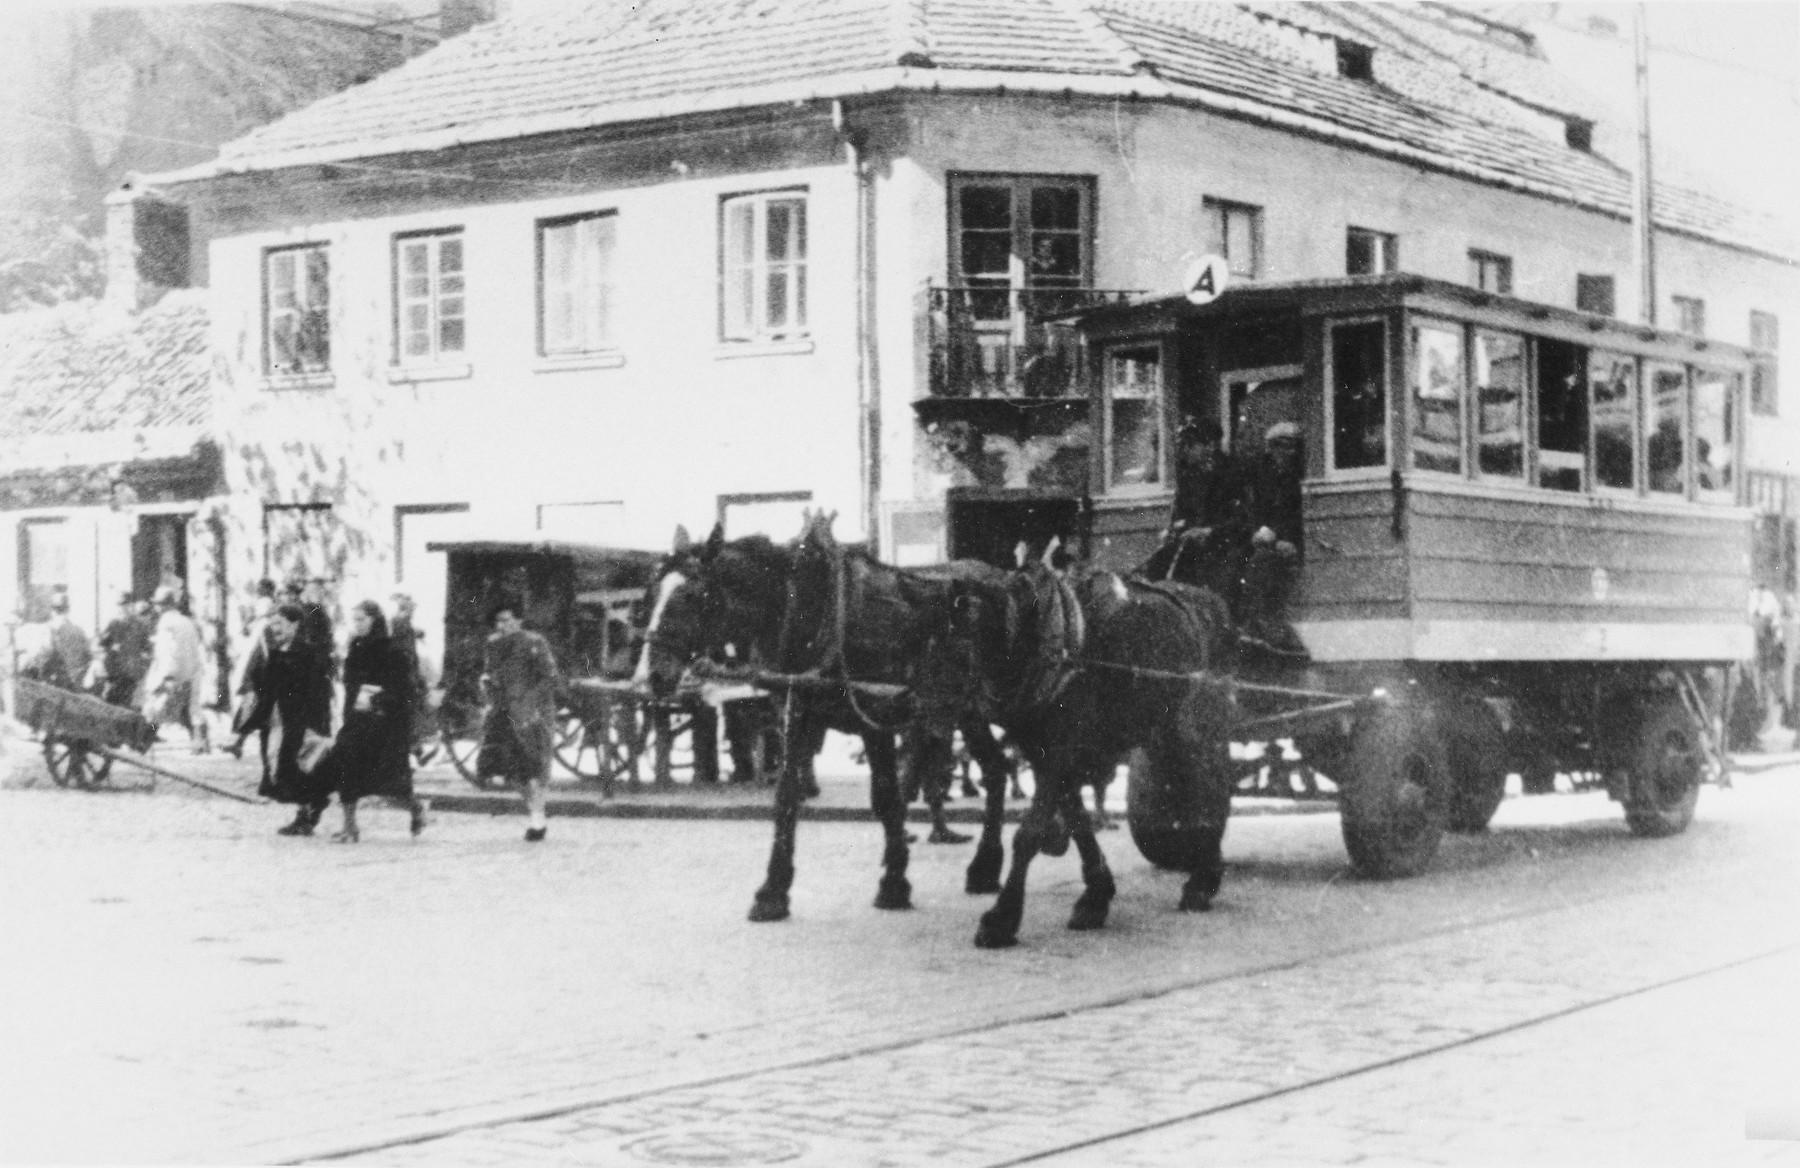 A horse-drawn streetcar runs down a street in the Warsaw ghetto.